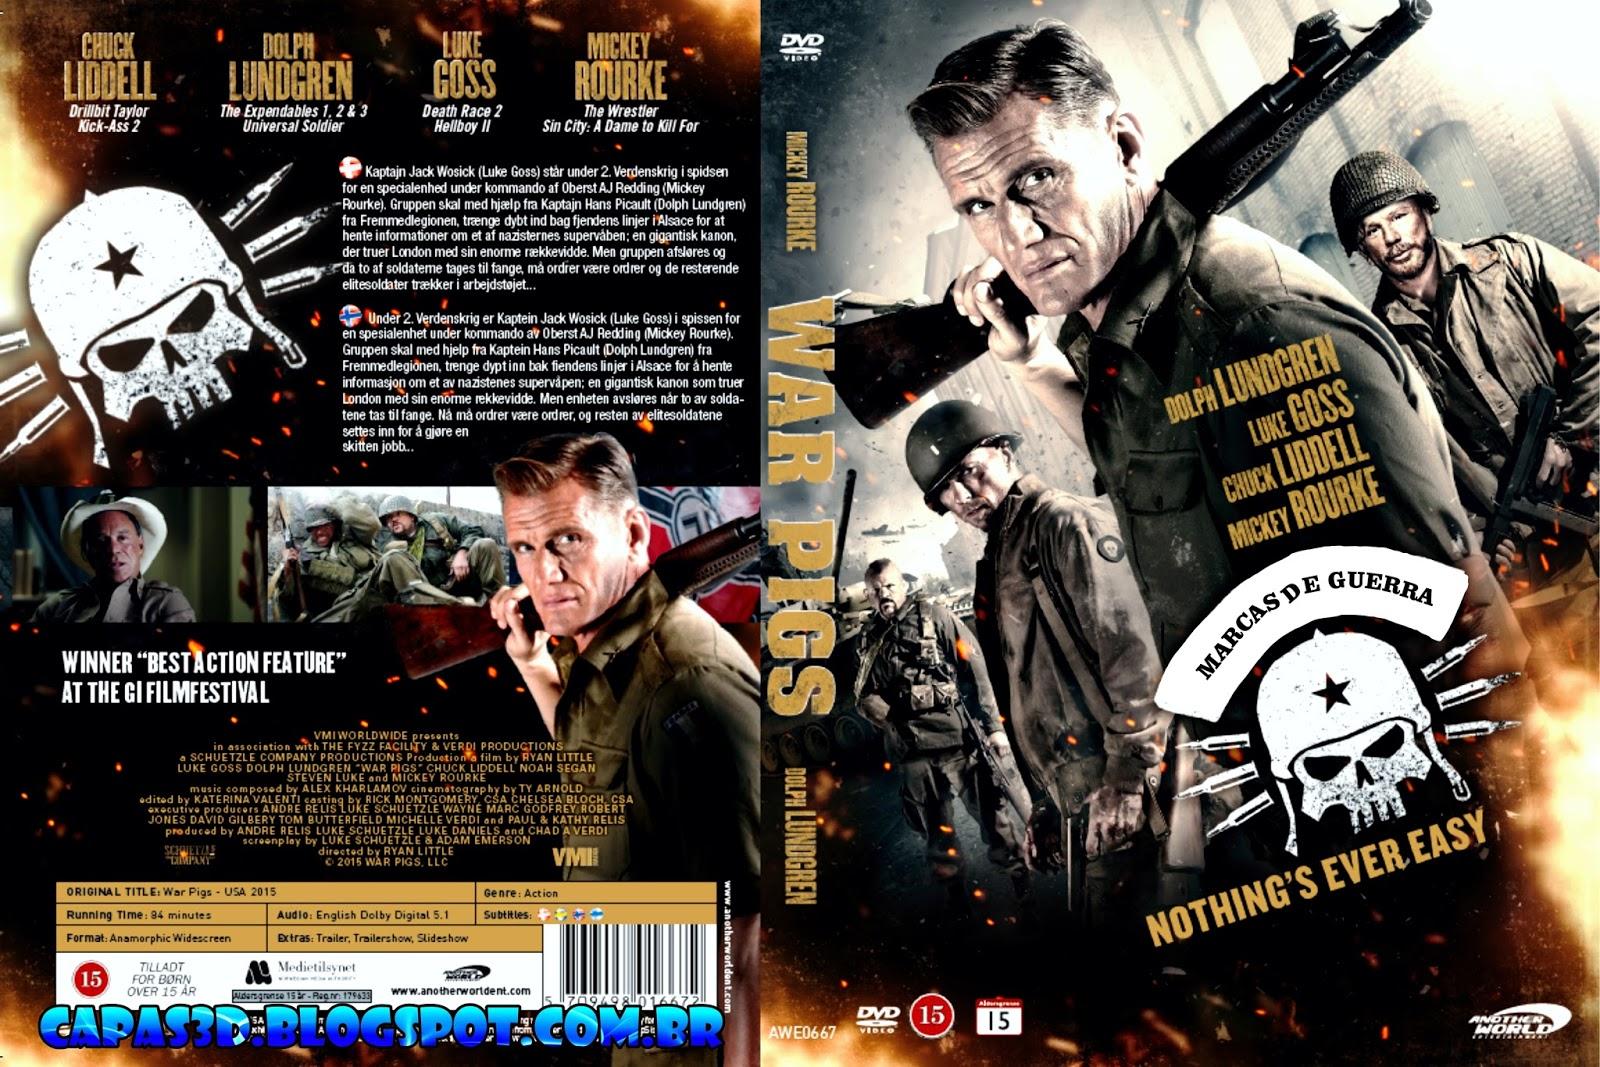 Filme Marcas Da Guerra pertaining to marcas da guerra - war pigs (2016) capa dvd - giga in filmes